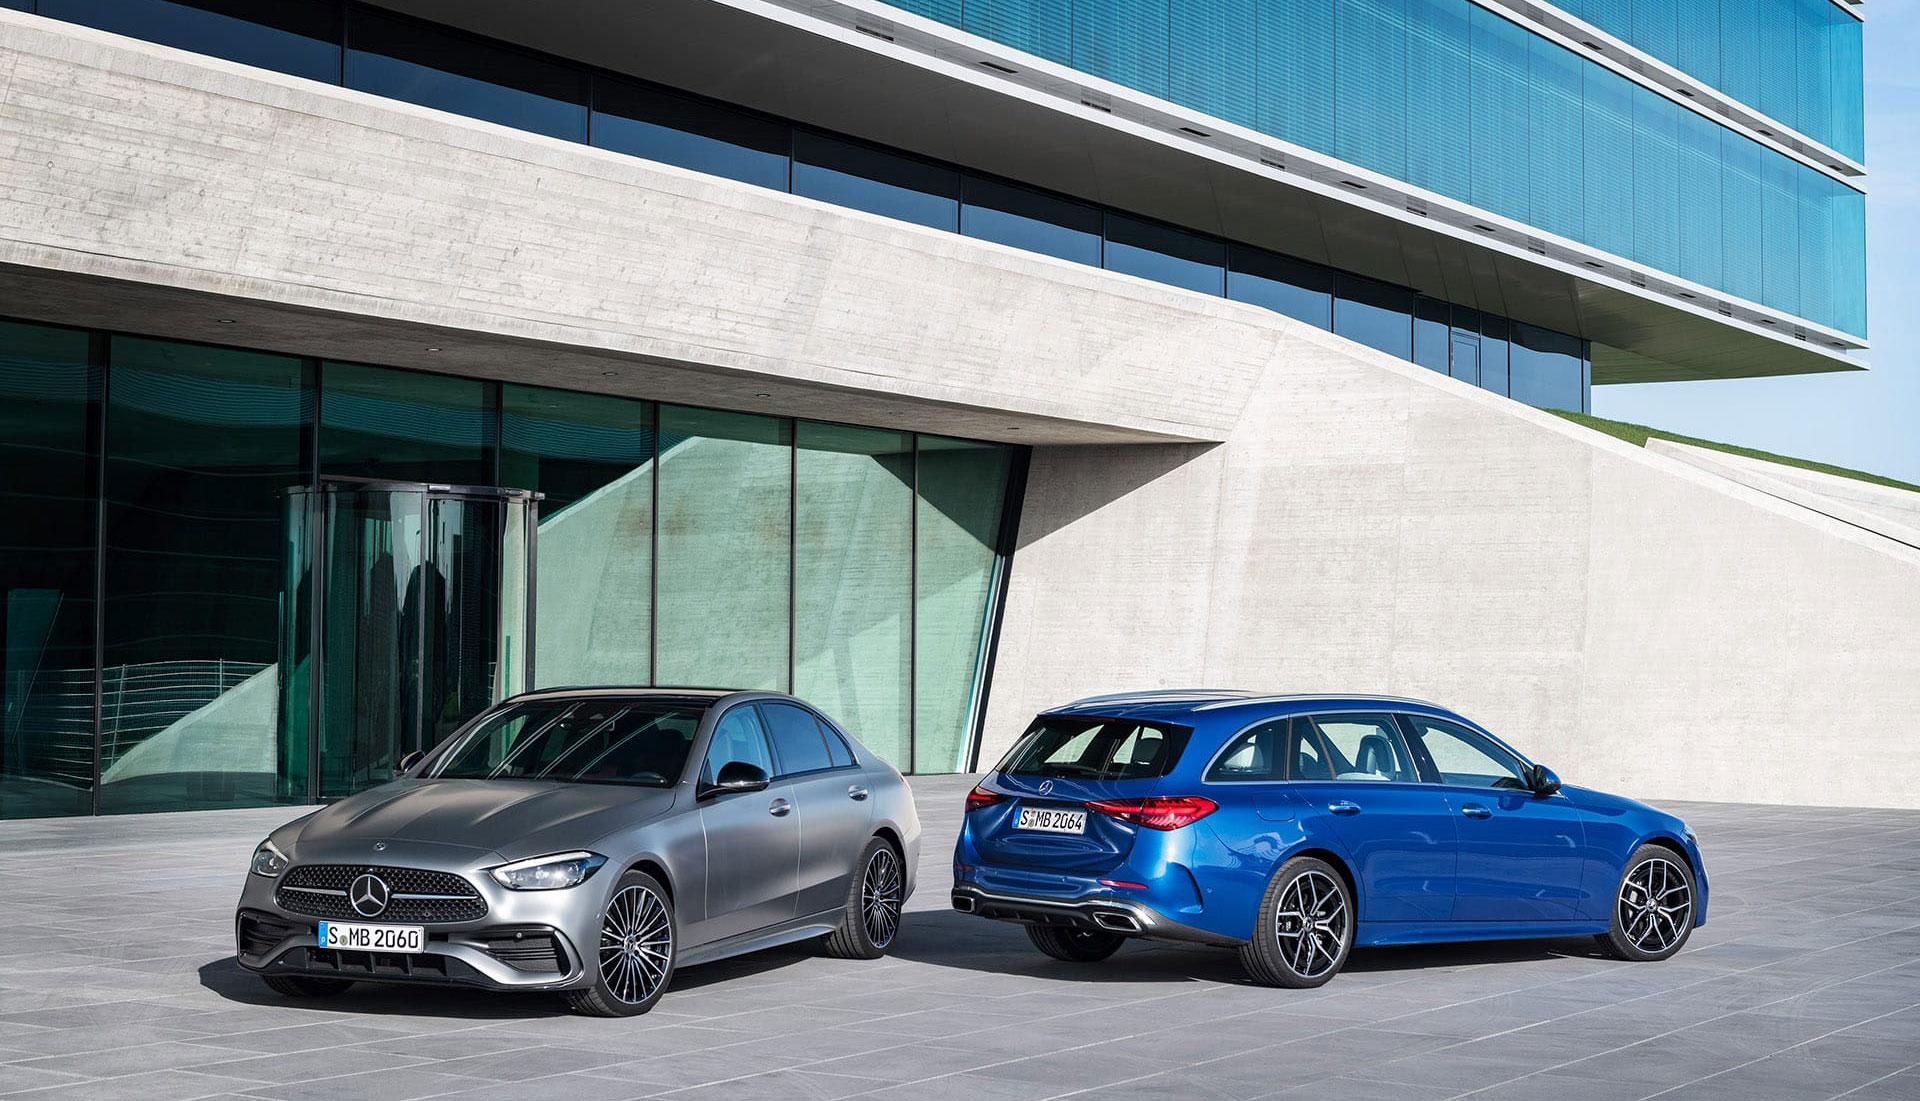 Mercedes-Benz C-Class 2021 - поєднання інтелектуальної розкоші з динамічним темпераментом та гібридною продуктивністю